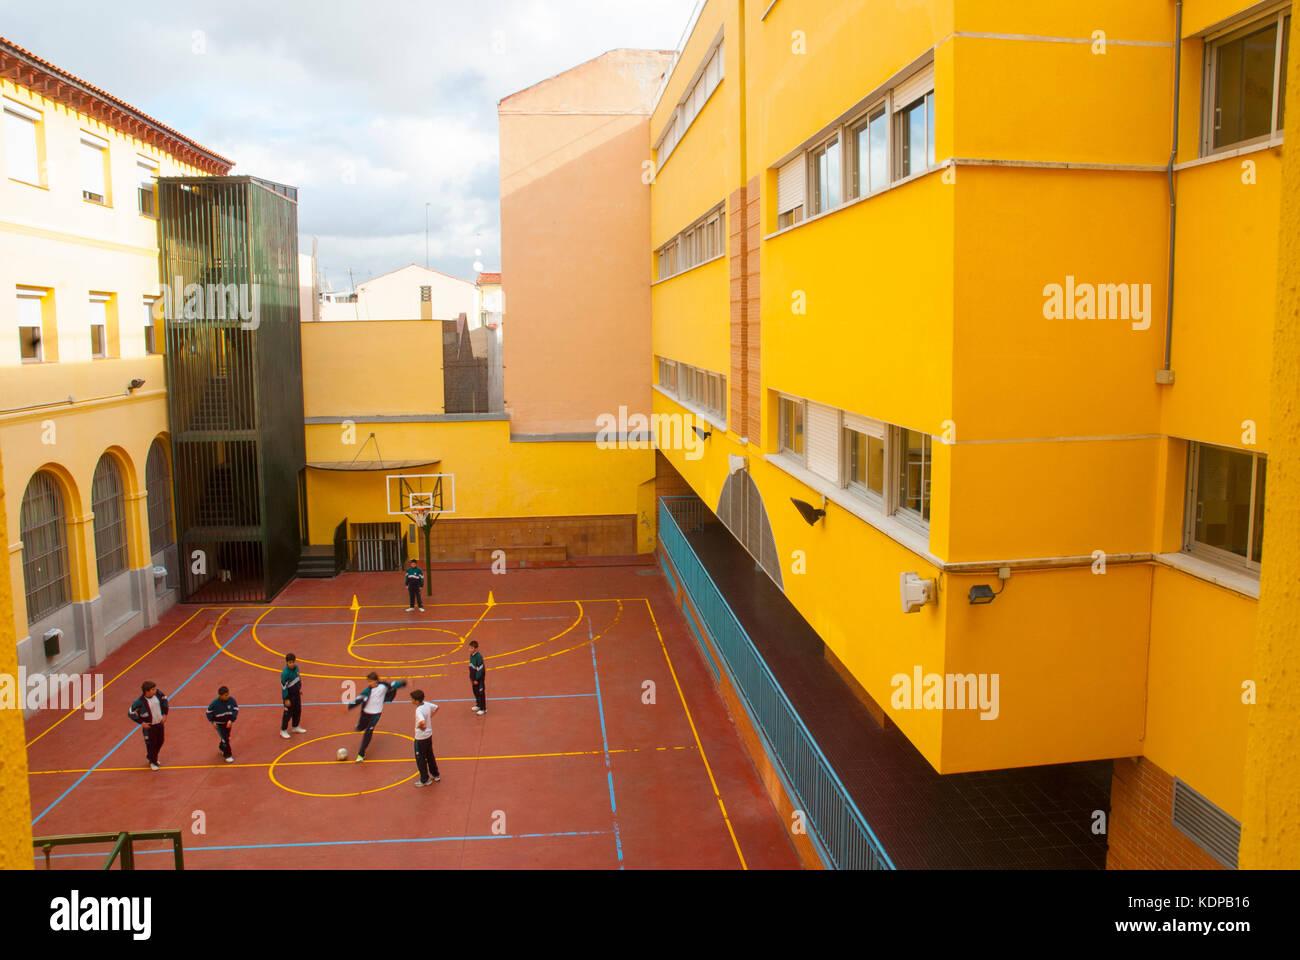 Patio de recreo de una escuela. Madrid, España. Imagen De Stock